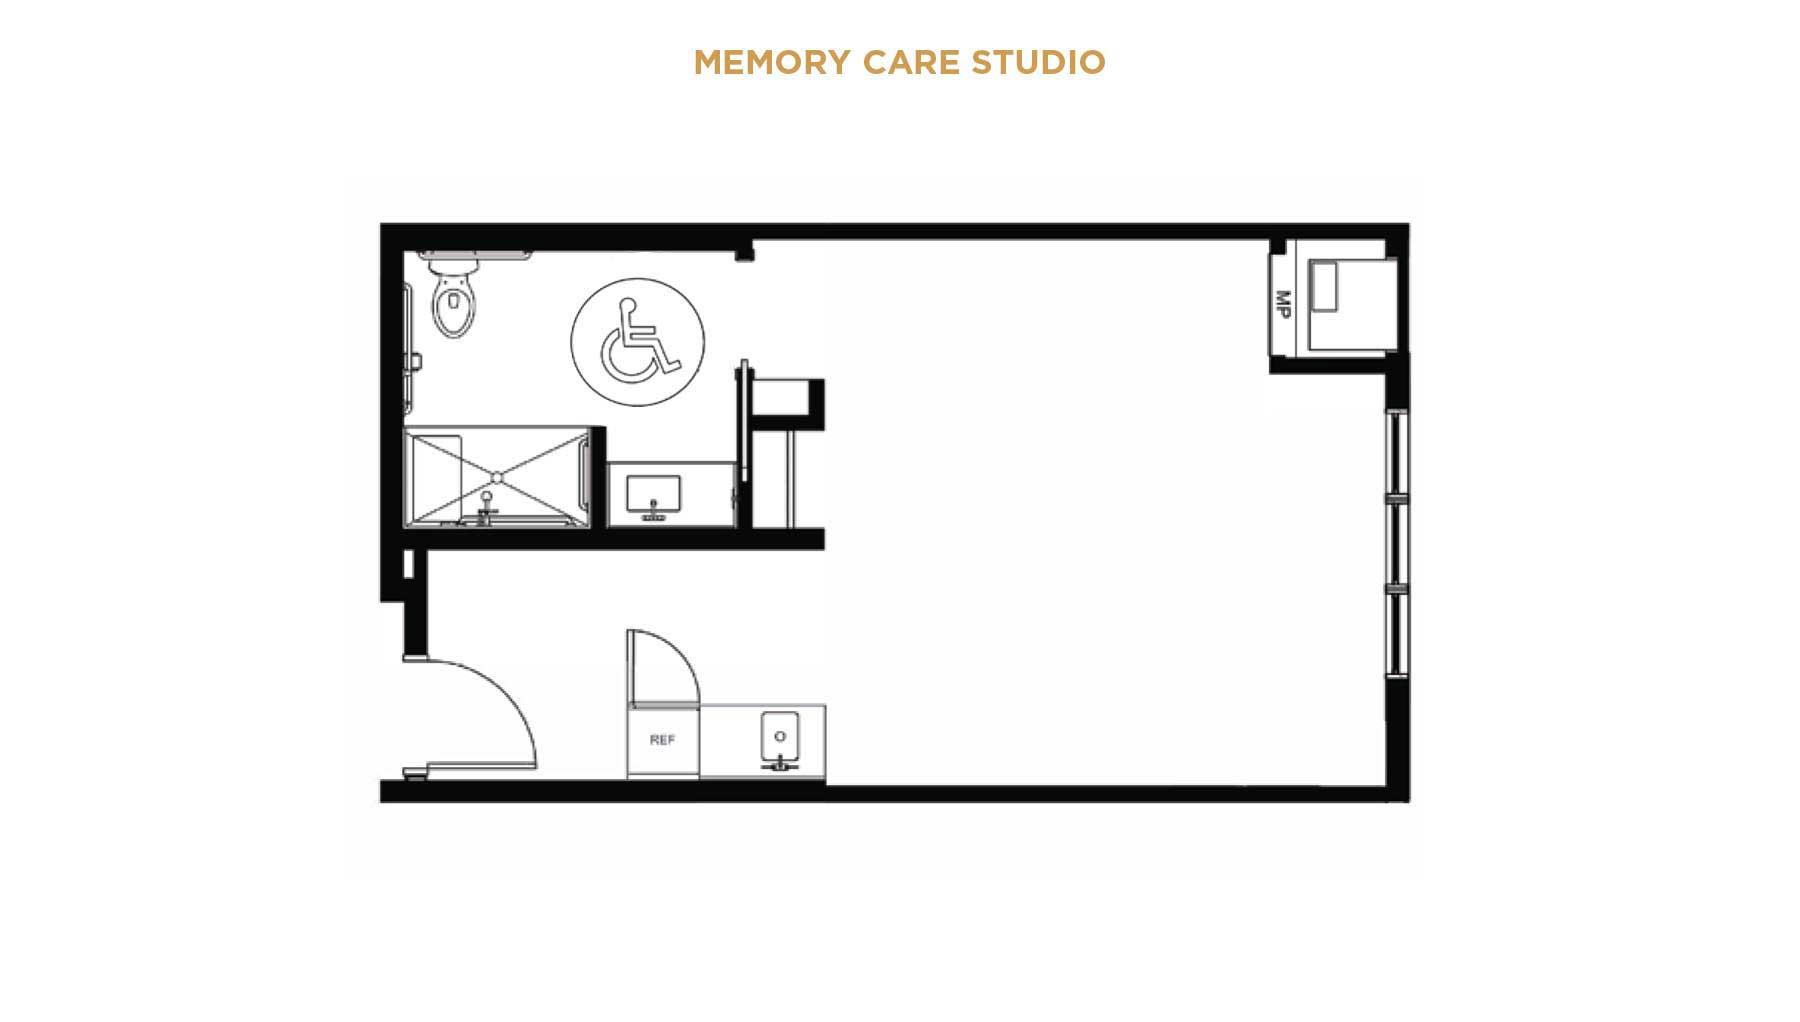 memory care studio floor plan for seniors